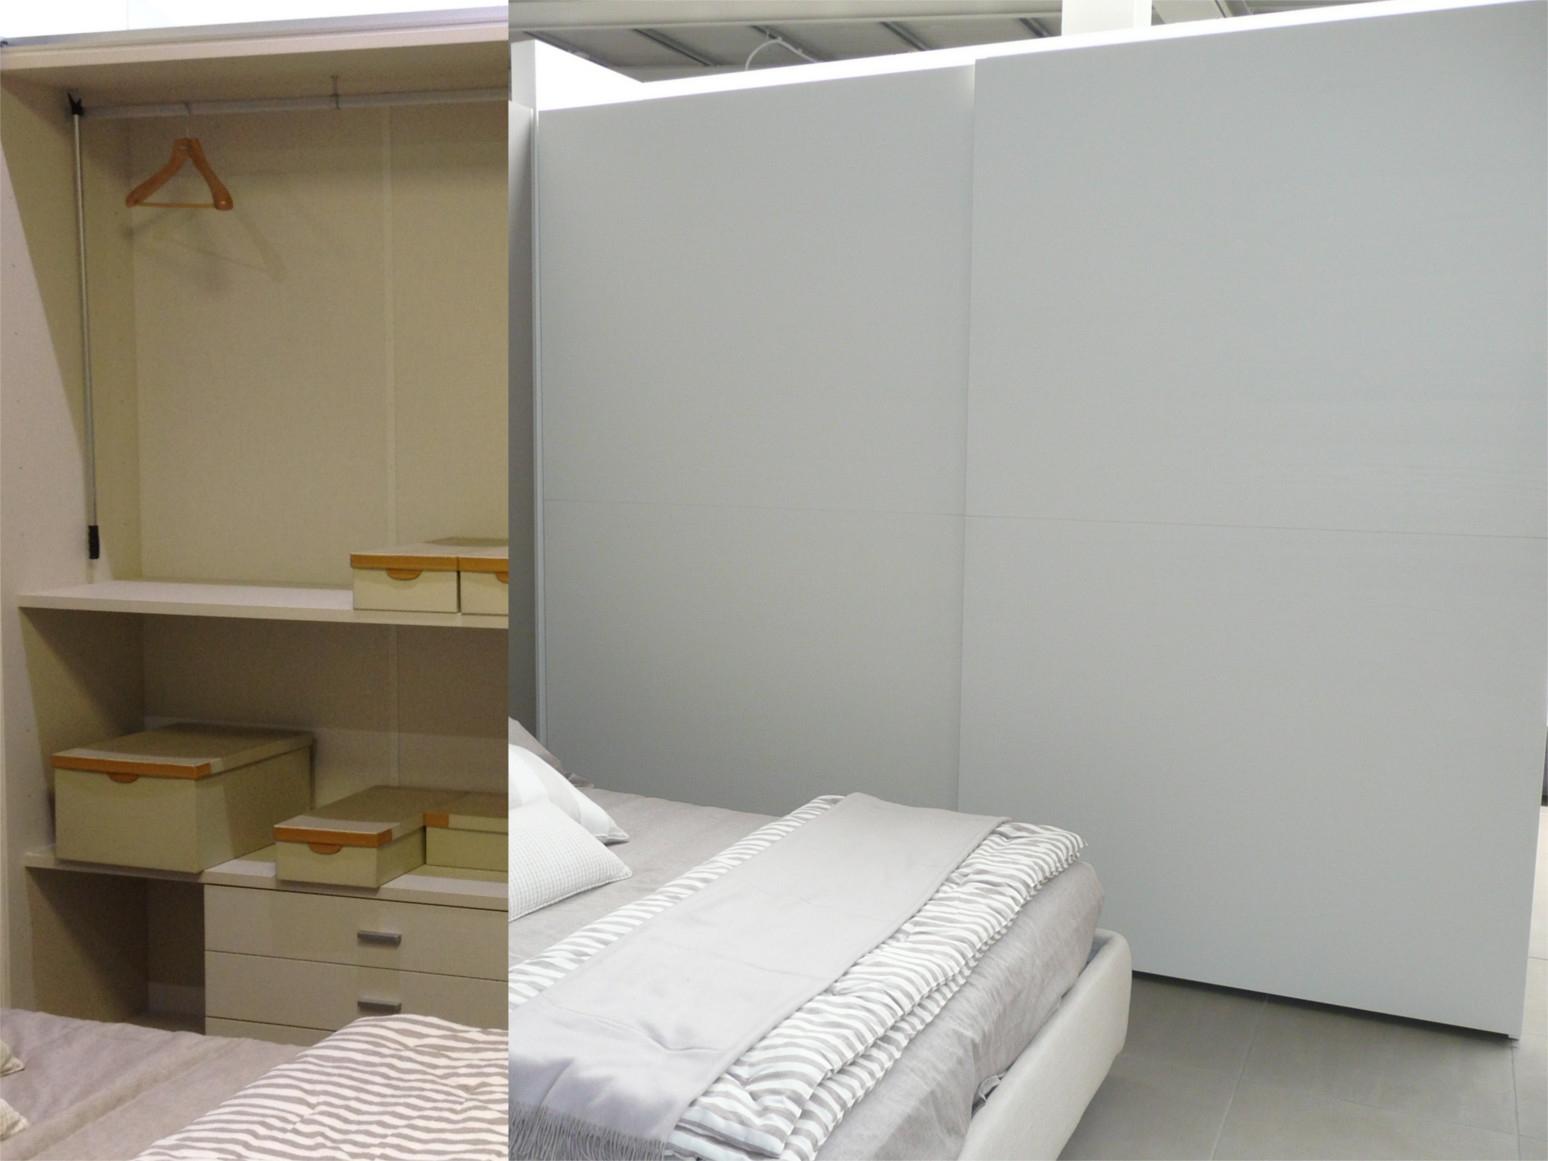 Armadio caccaro armadio scorrevole caccaro bianco con - Armadio con cassettiera interna ...